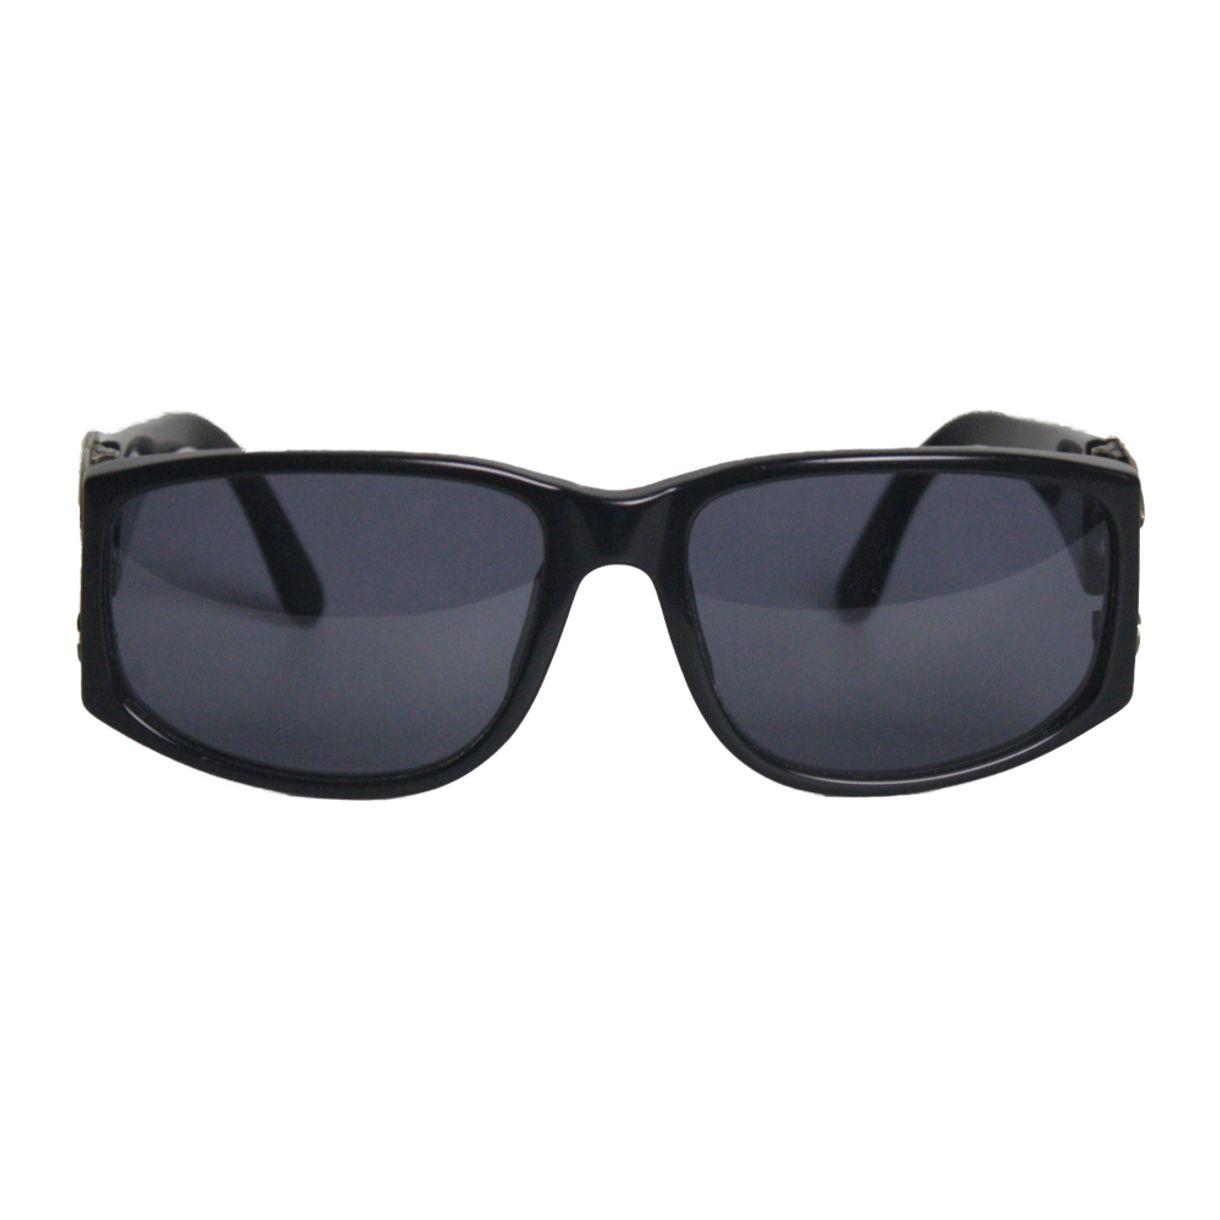 Oculos-Chanel-Vintage-Preto